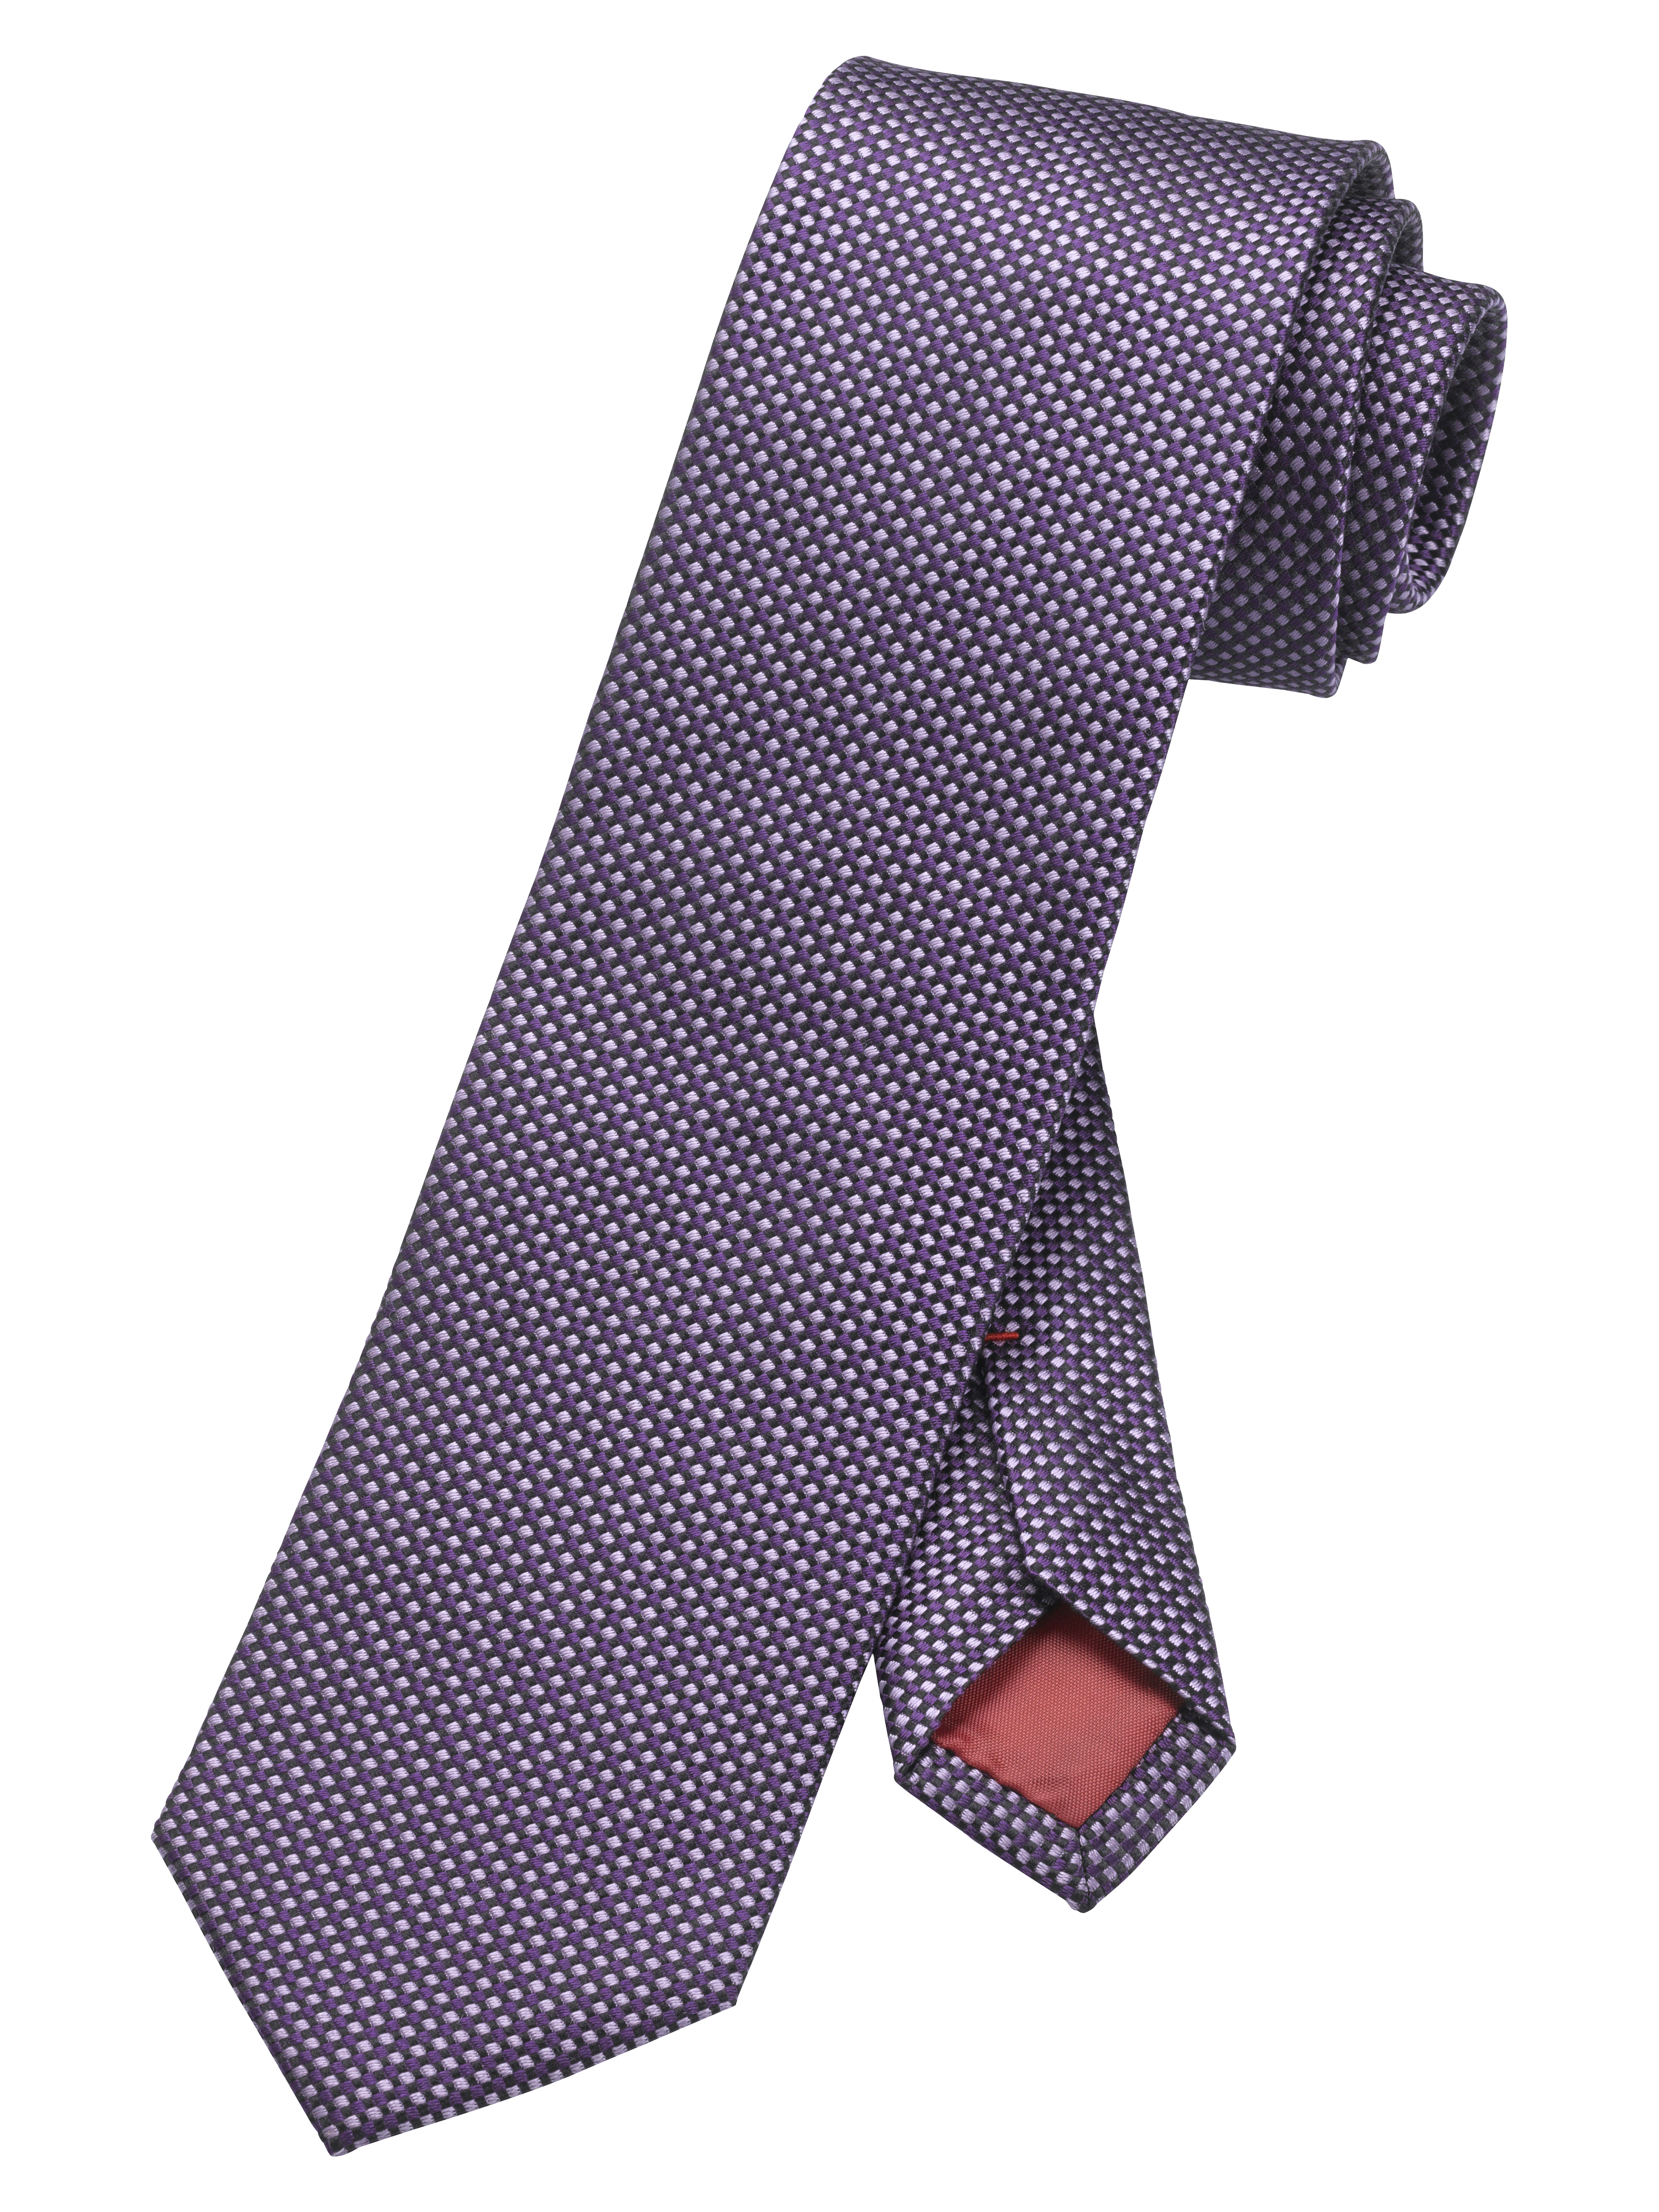 OLYMP  Krawatte, Brombeere, | Accessoires > Krawatten > Sonstige Krawatten | OLYMP